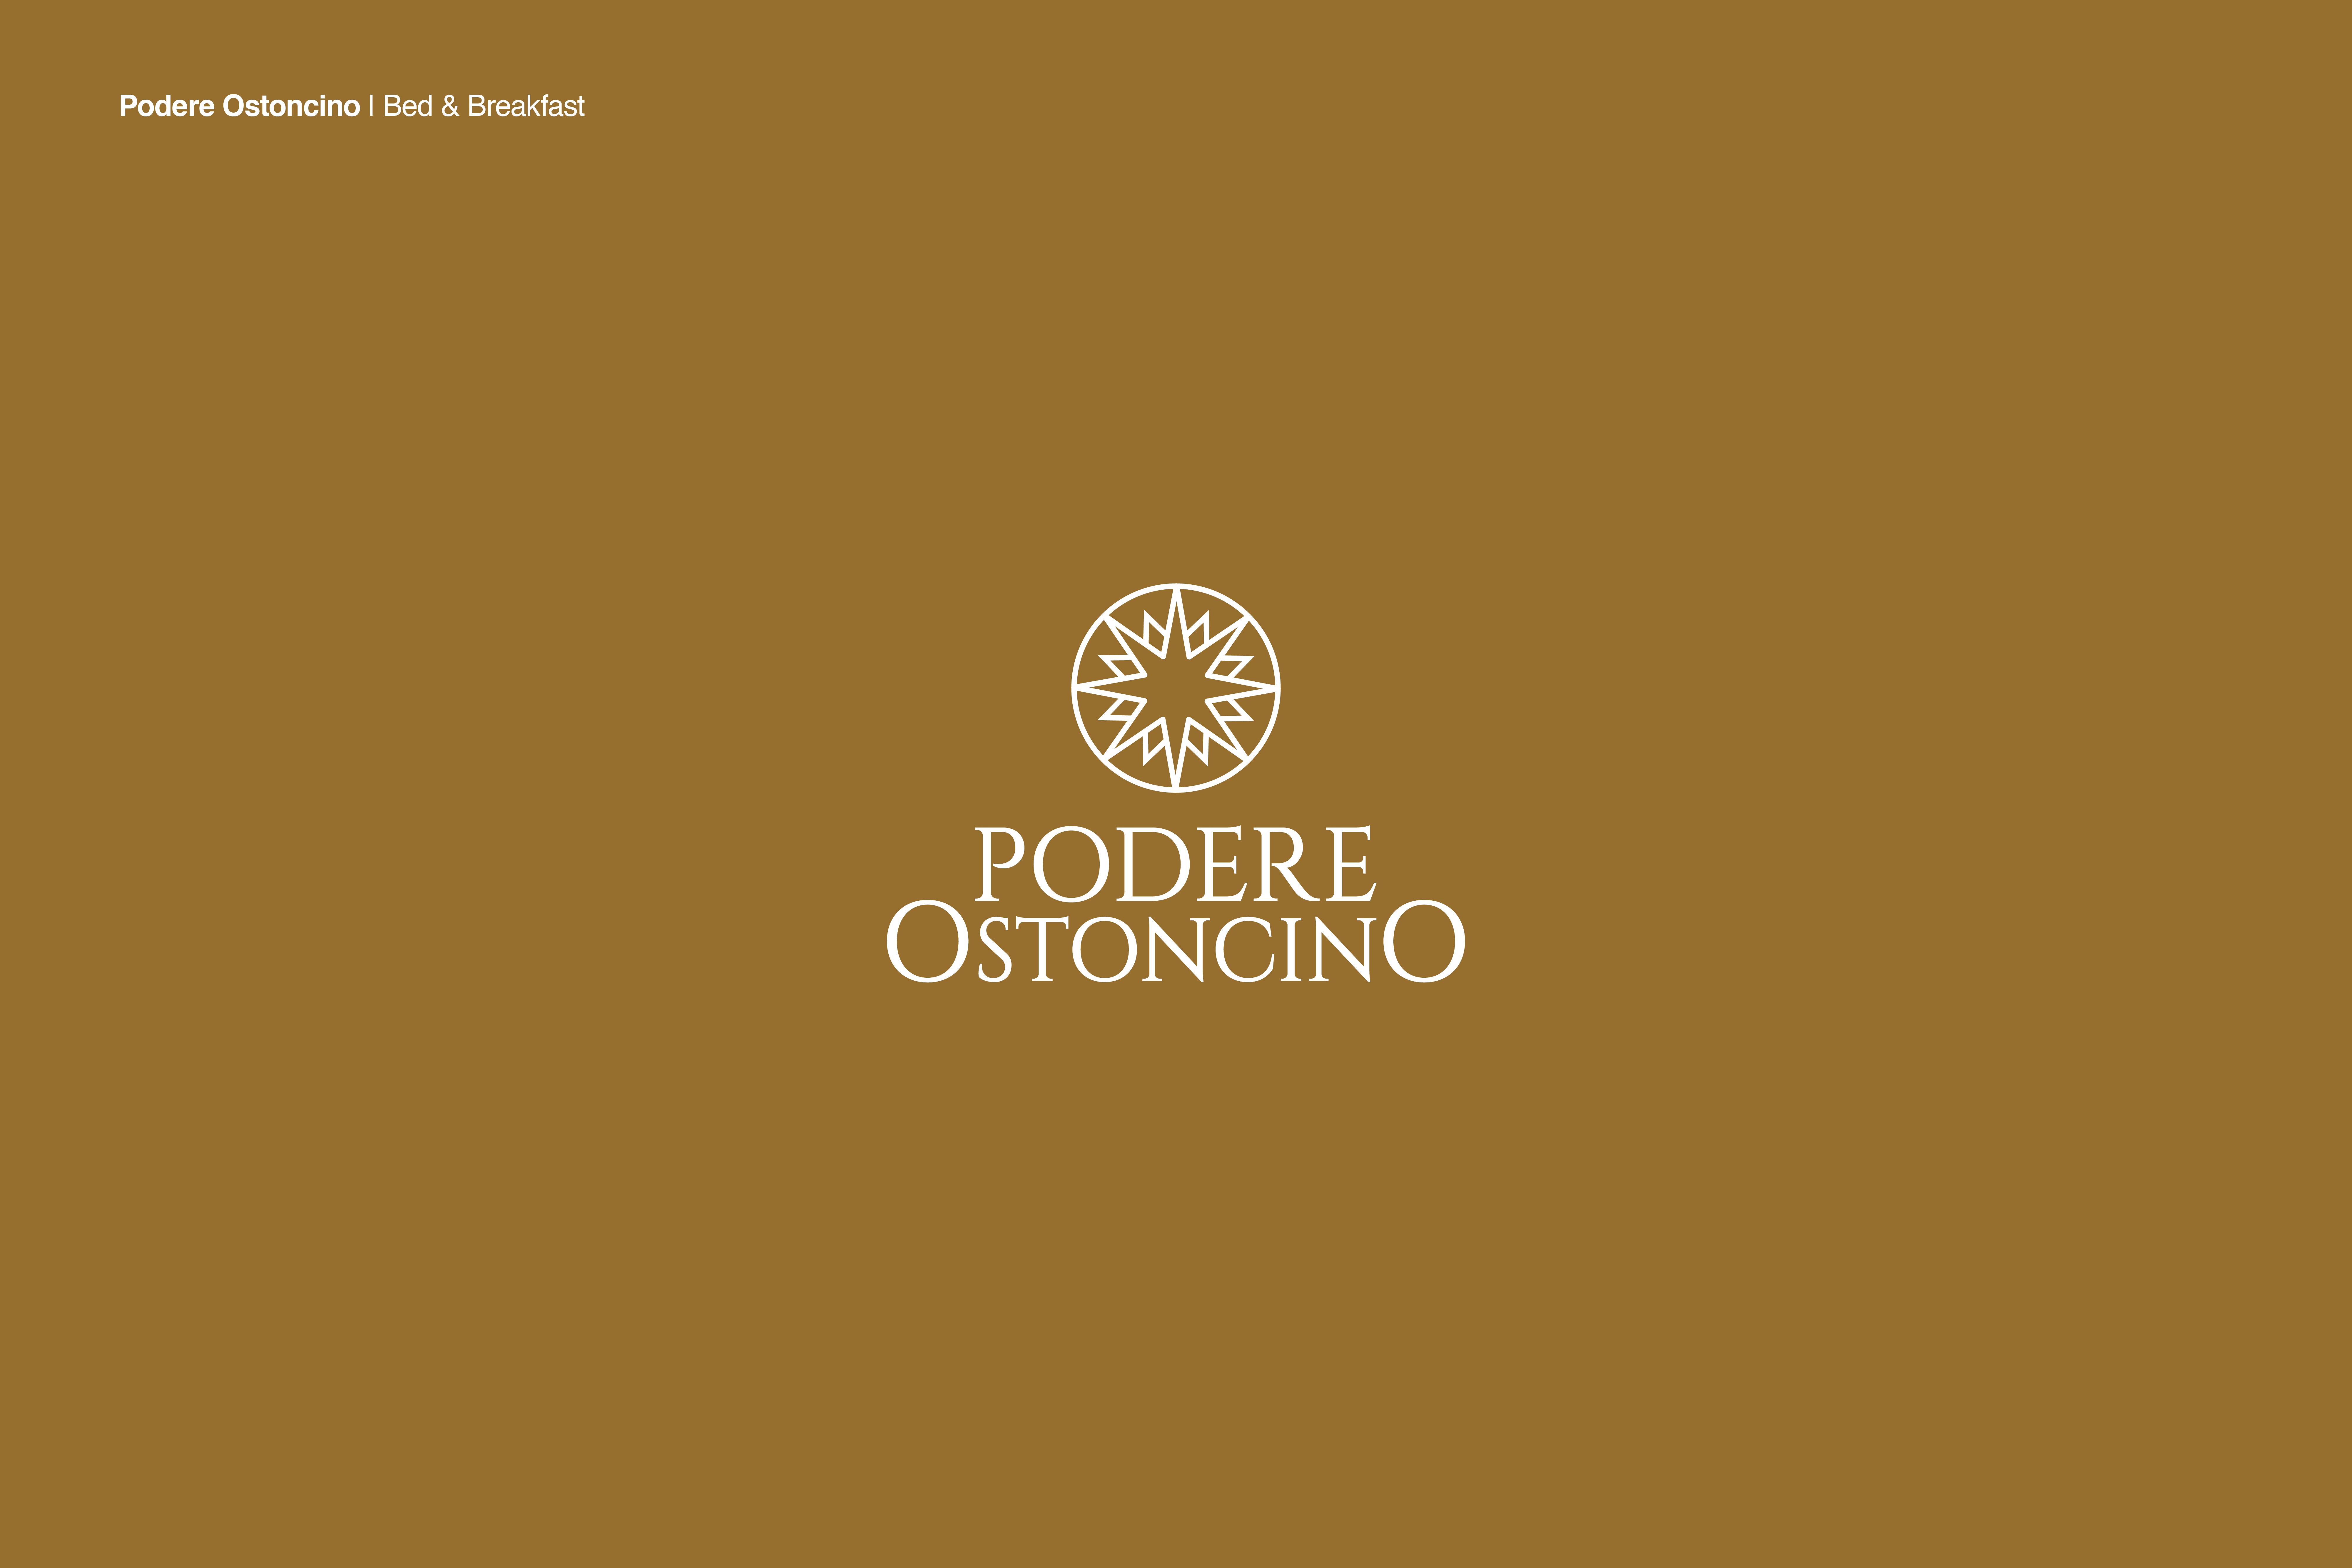 logofolio2018sito_Tavola disegno 1 copia 11